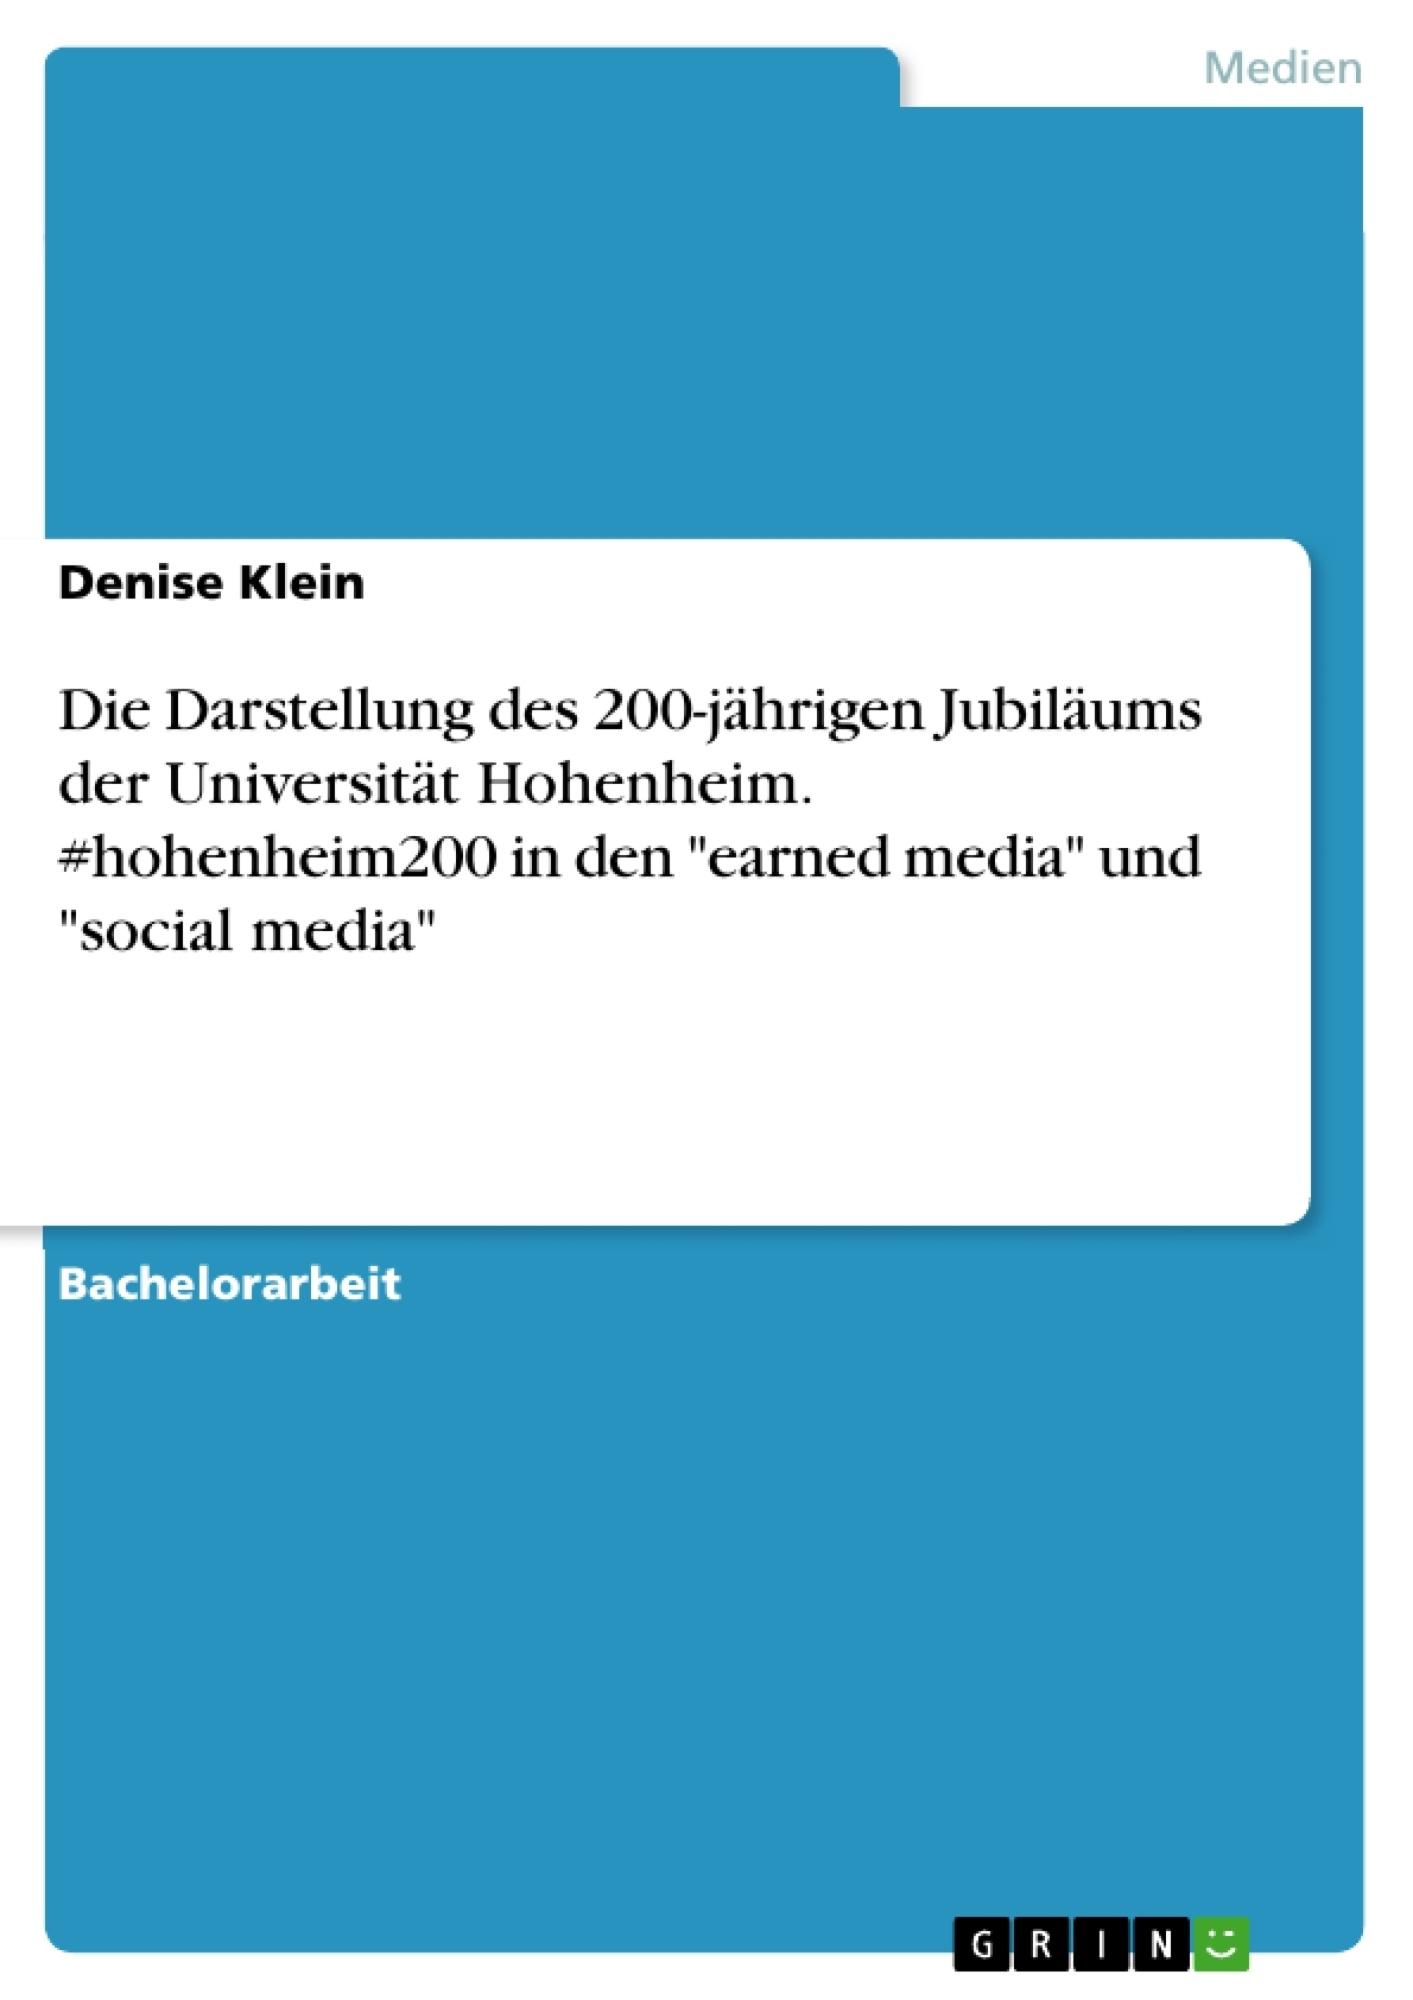 """Titel: Die Darstellung des 200-jährigen Jubiläums der Universität Hohenheim. #hohenheim200 in den """"earned media"""" und """"social media"""""""